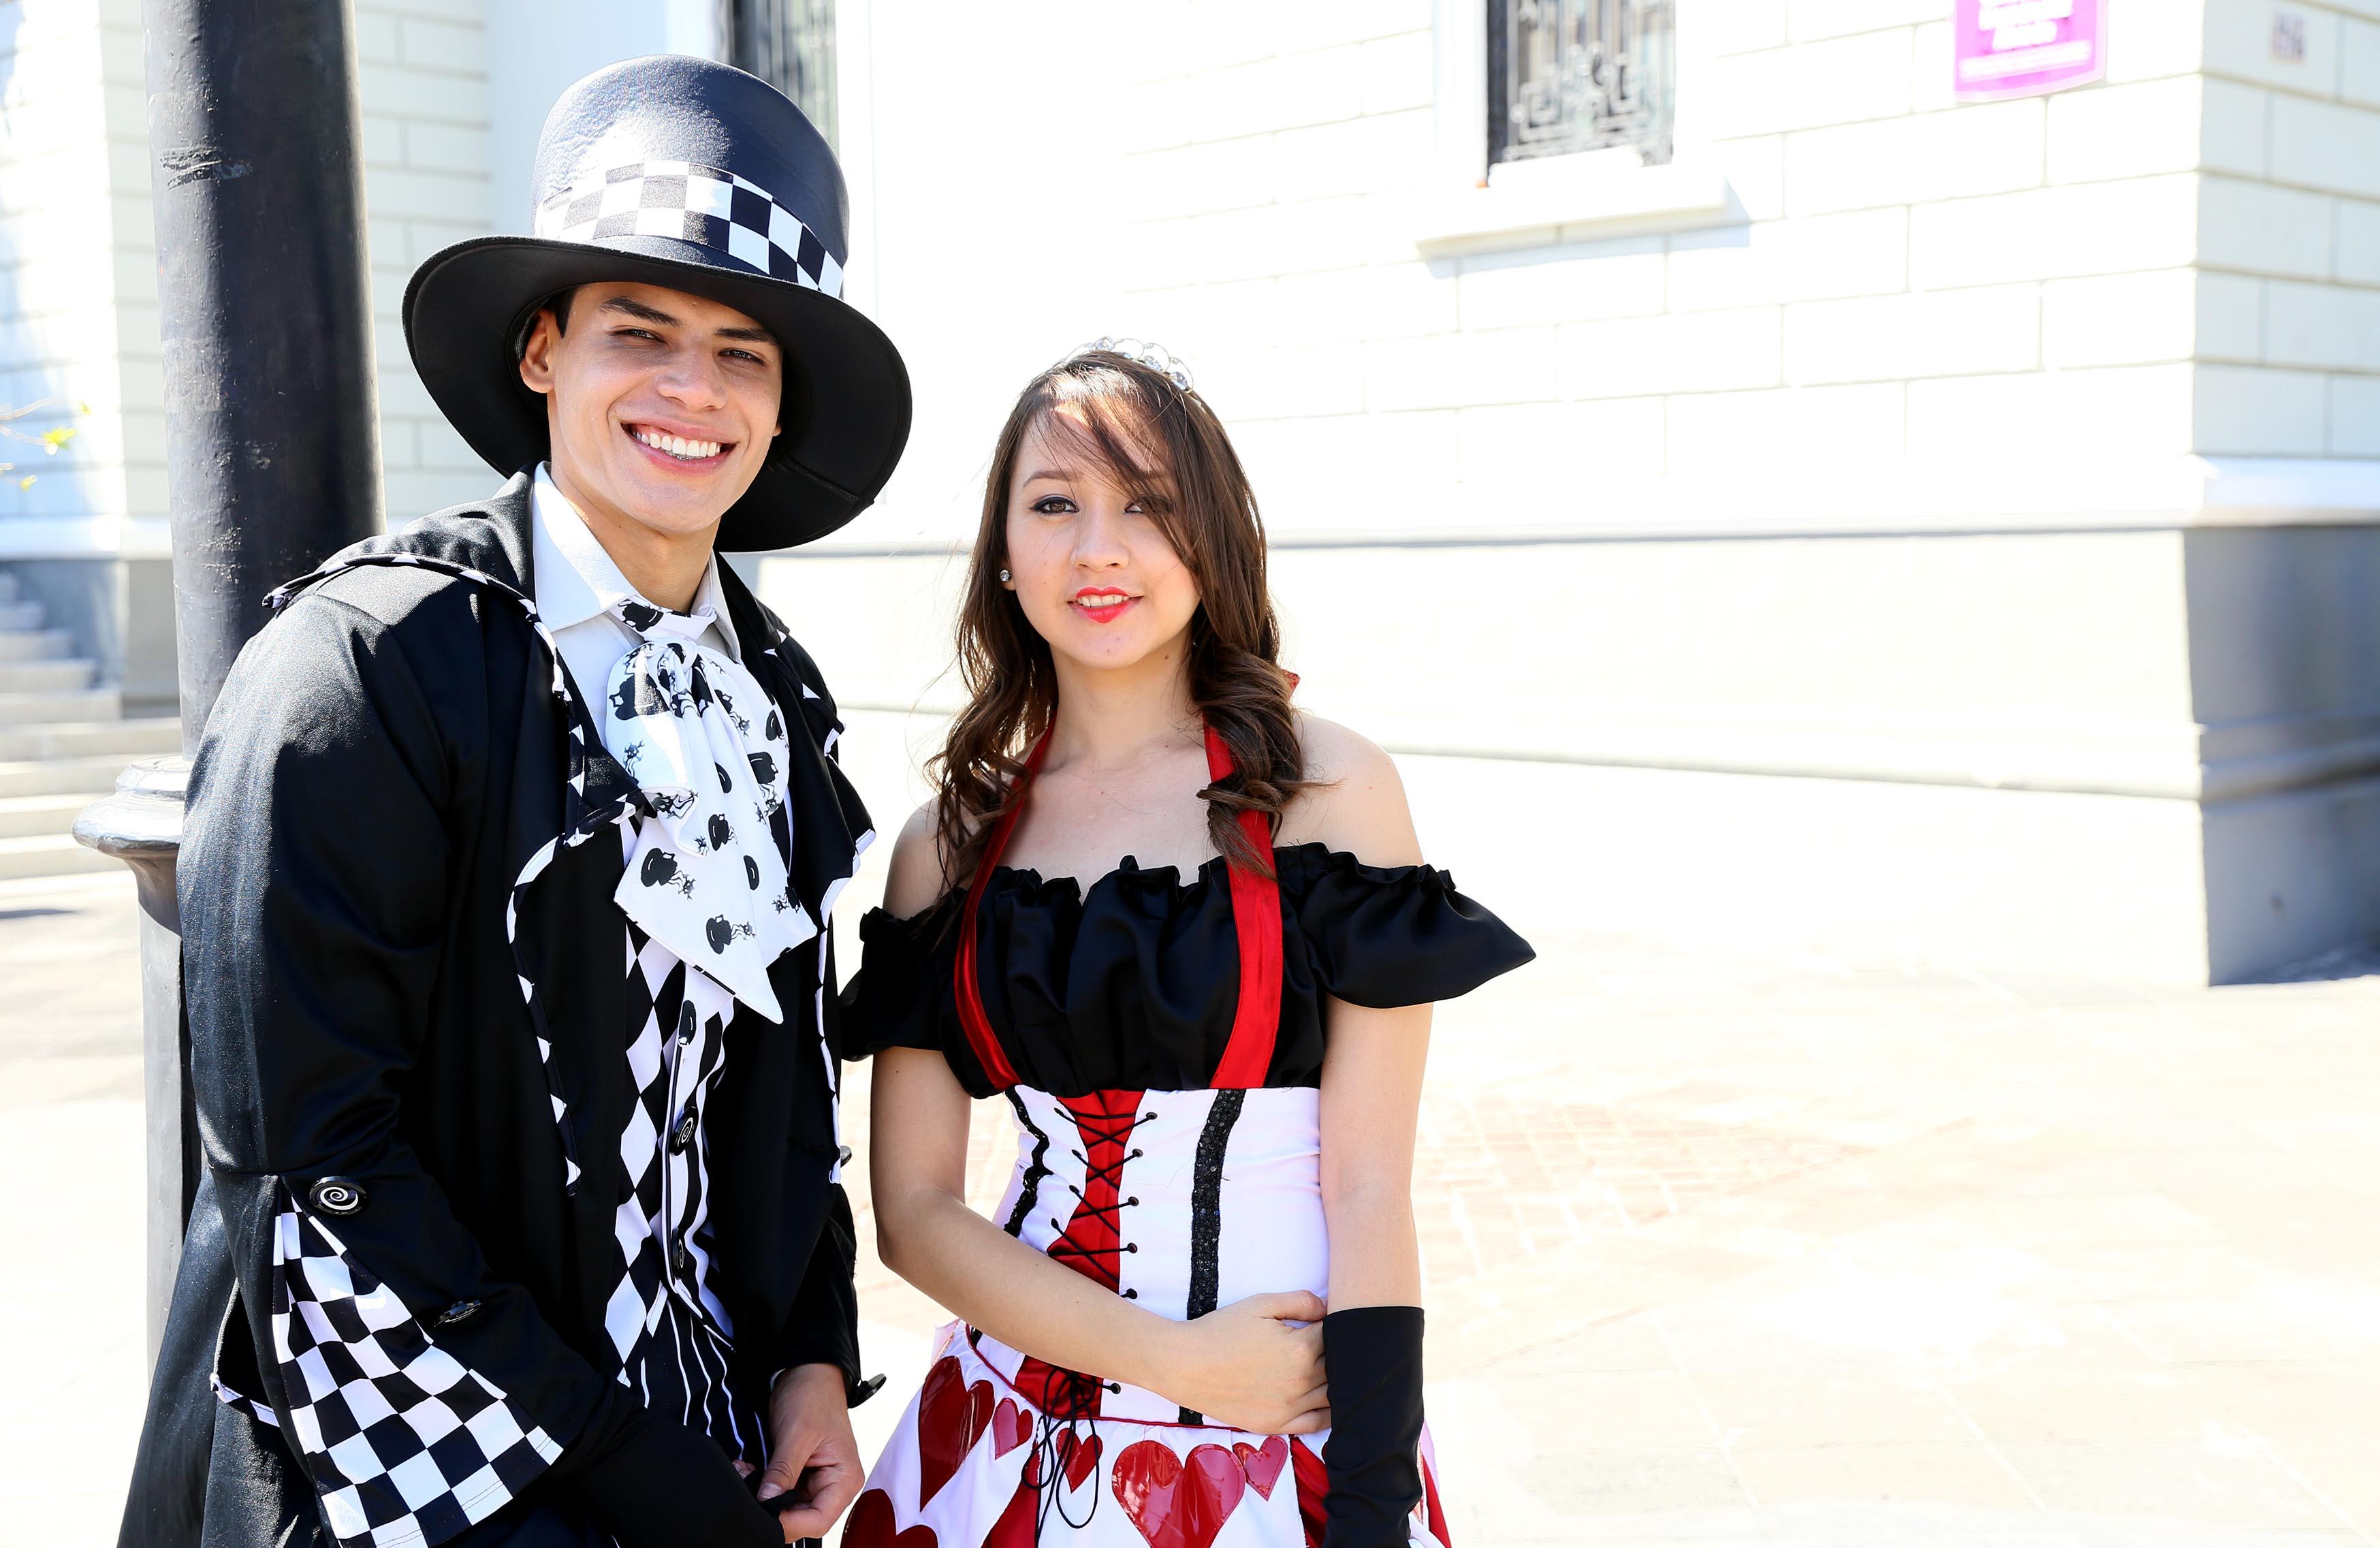 Estudiantes del CUCEI disfrazados para participar en Aquelarre 2016, evento organizado por el mismo Centro Universitario